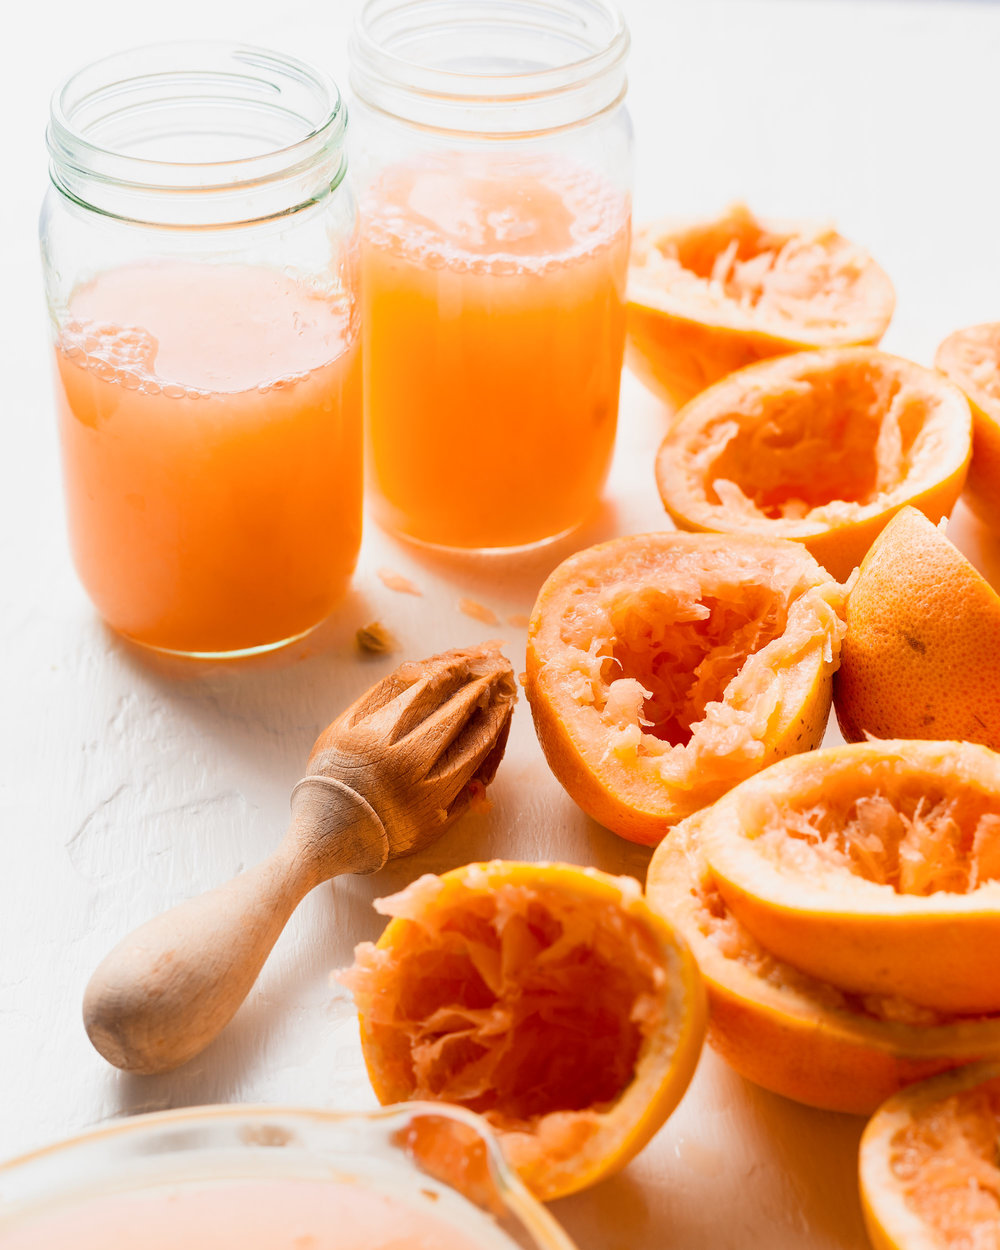 food-grapefruit-fresh-squeezed-juice-lesliegrow.jpg